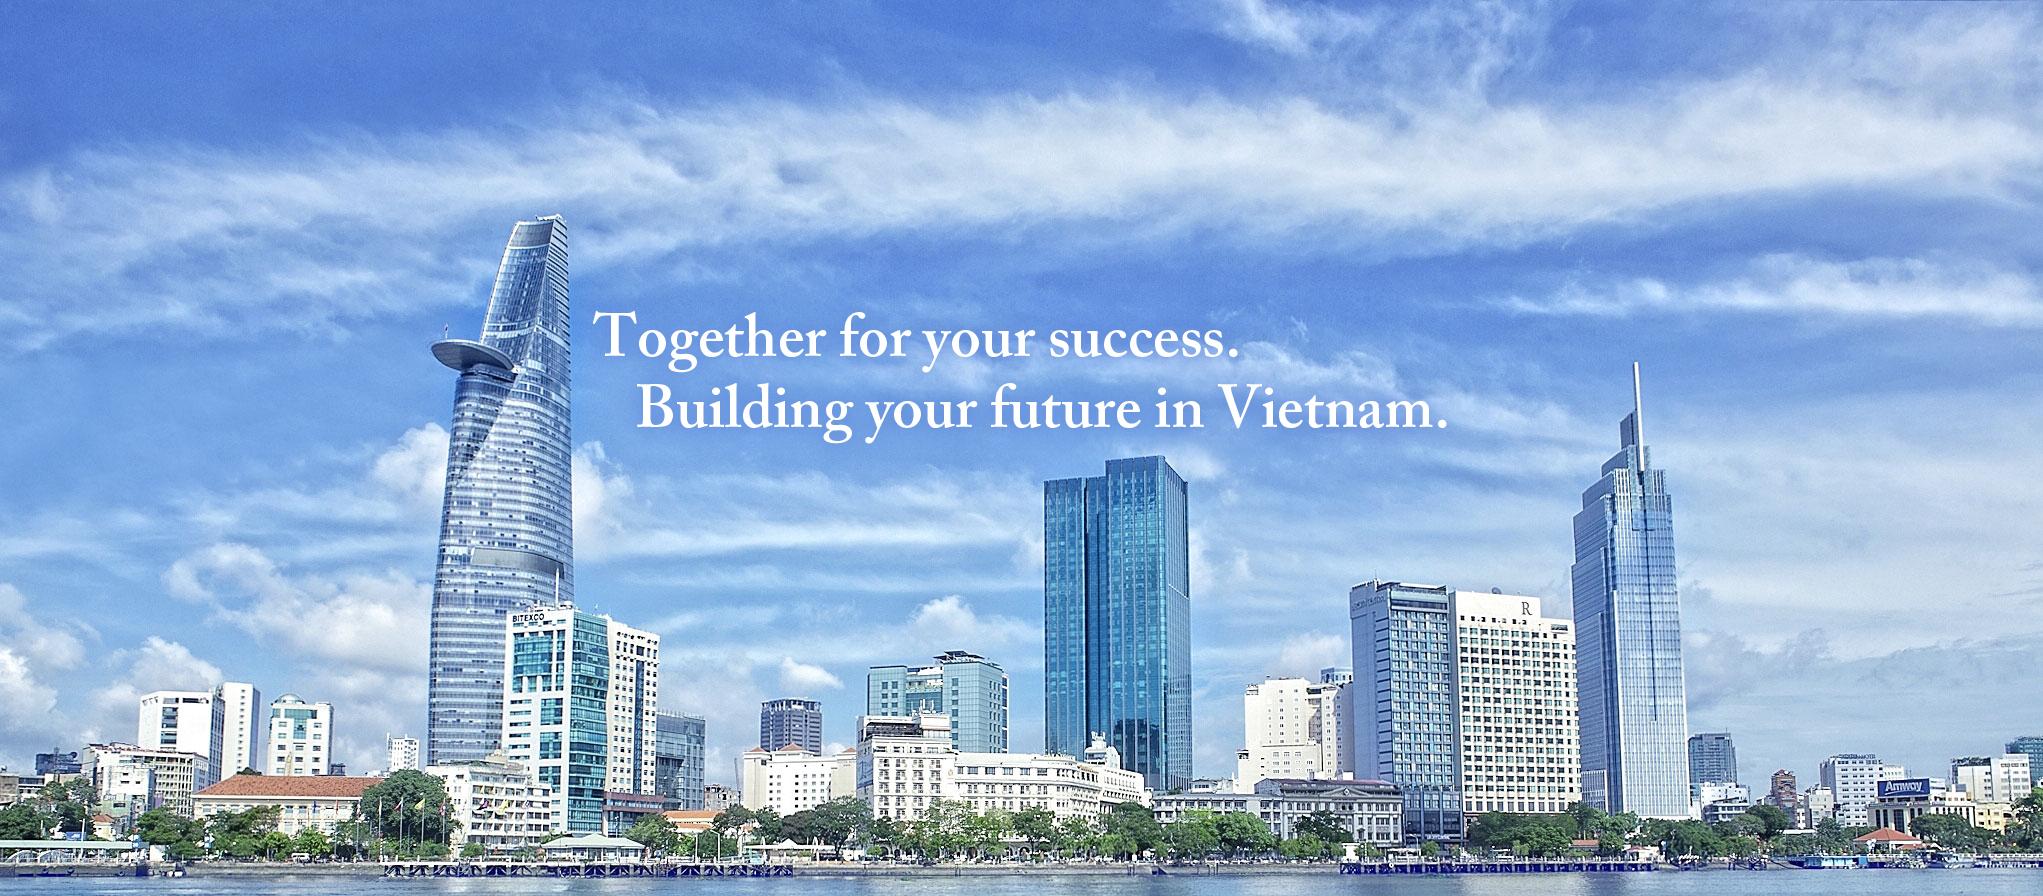 Công ty TNHH Kiểm toán HSK Việt Nam